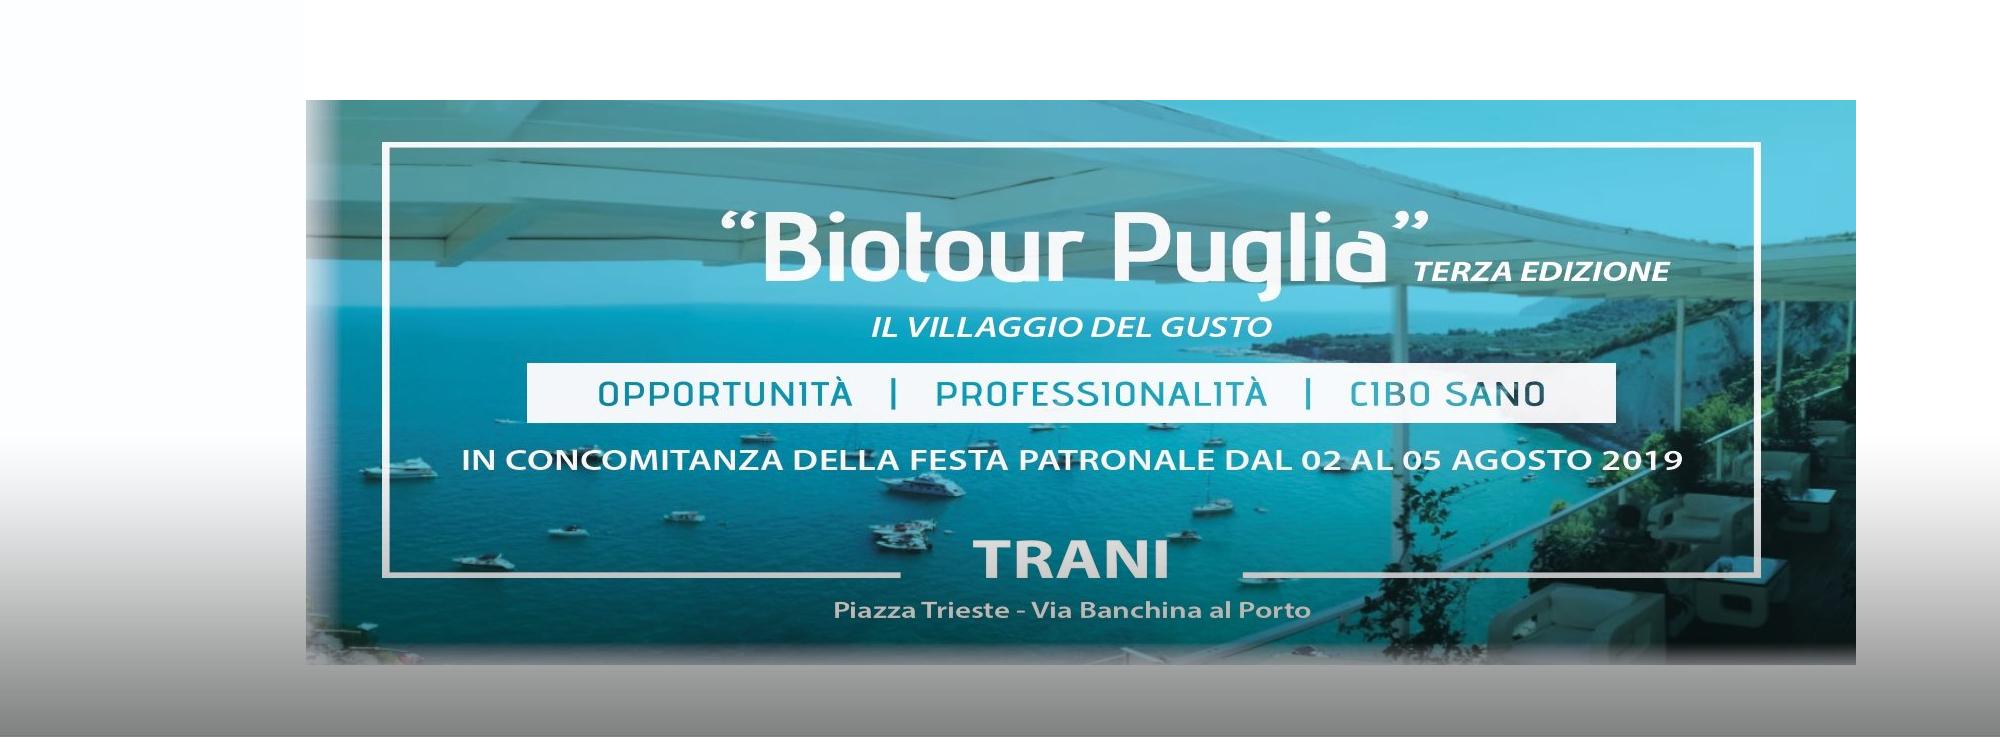 Trani: Biotour Puglia il Villaggio Del Gusto